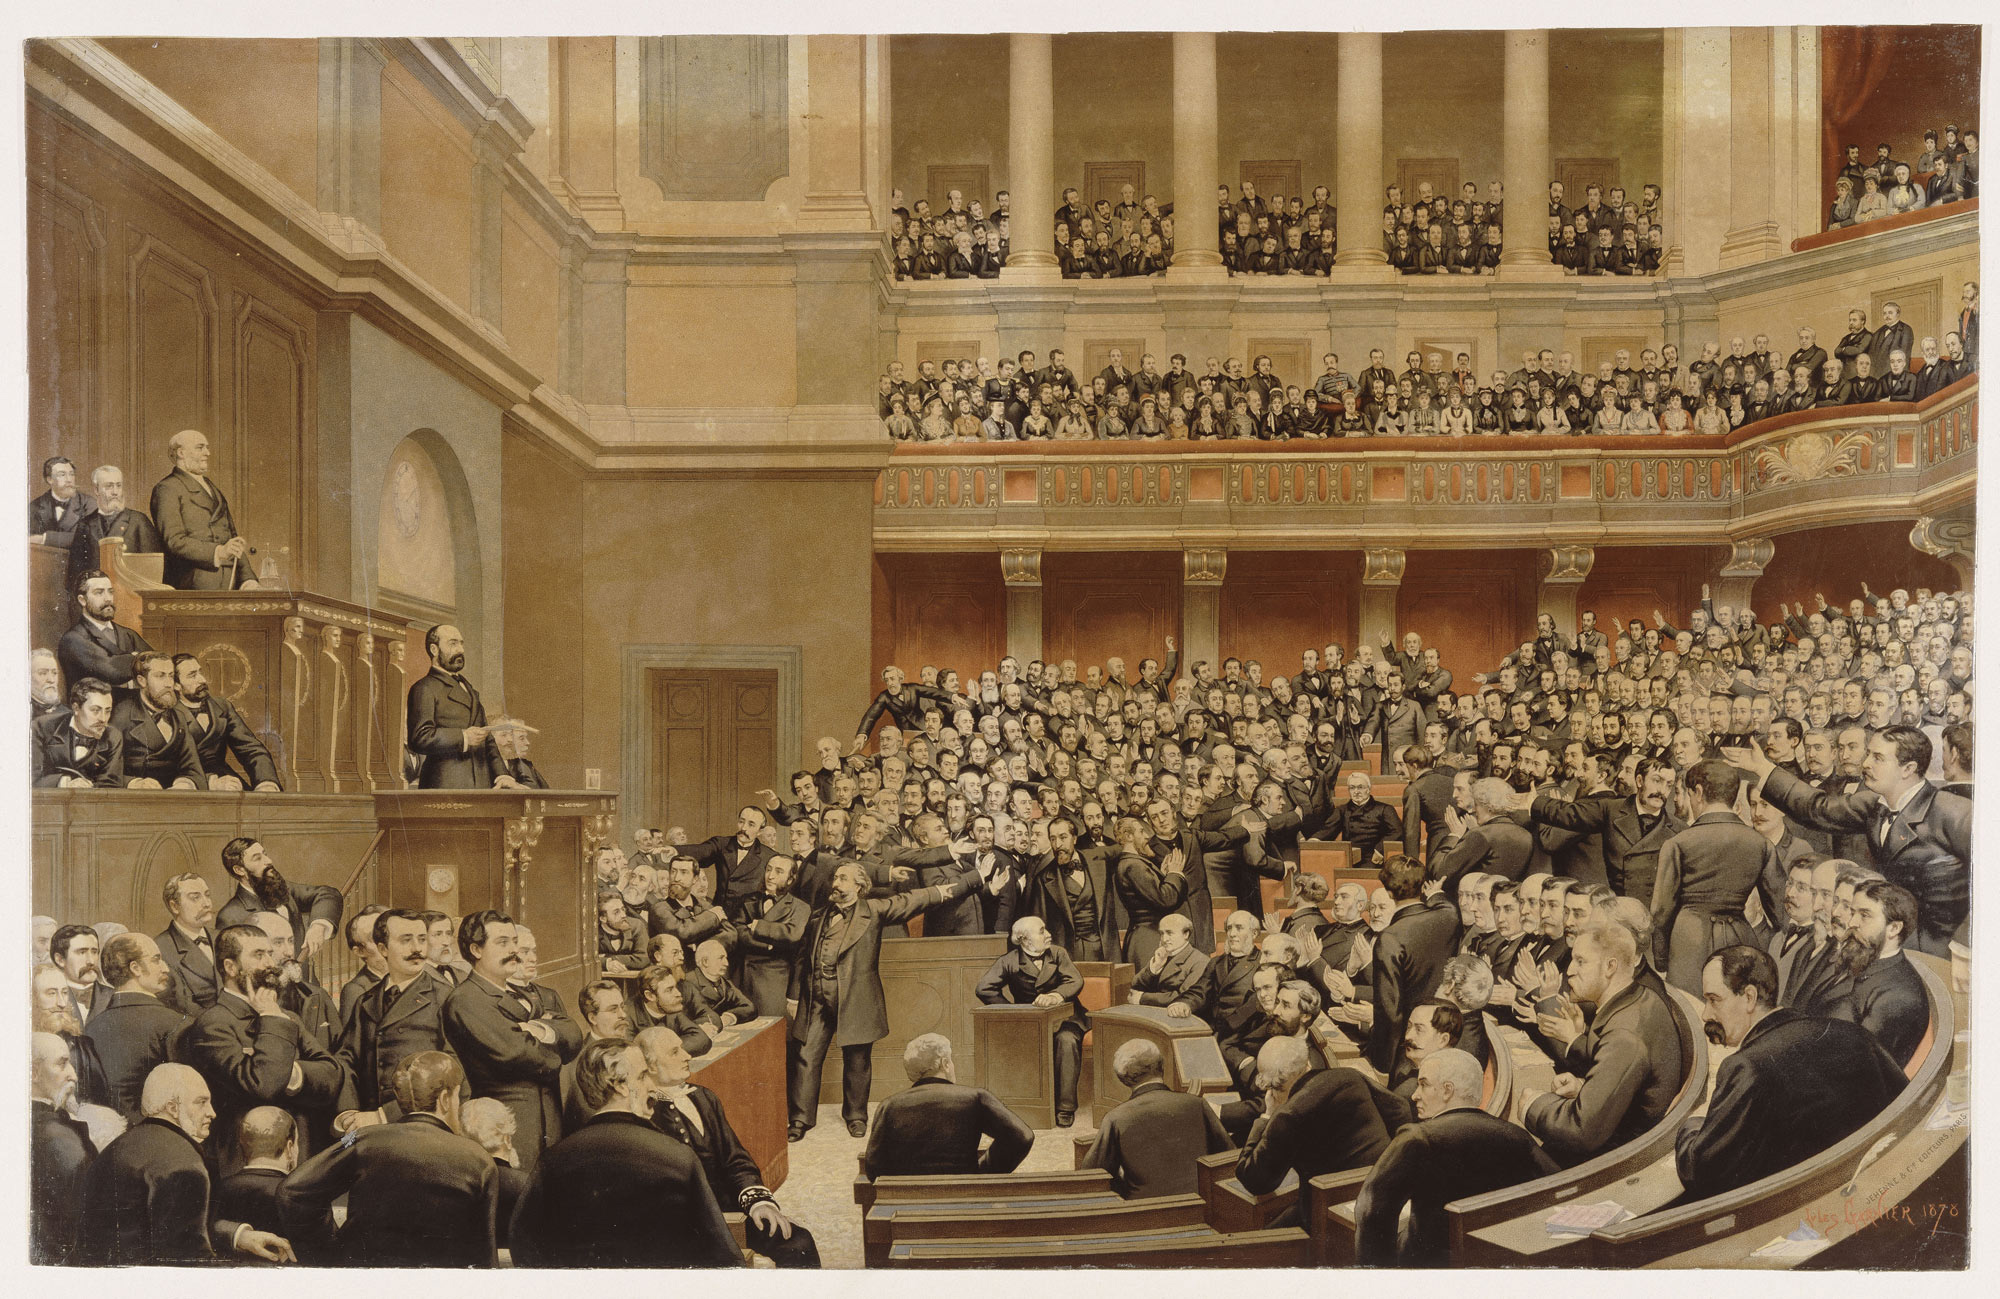 1875年-1876年 - 19世紀 - 何世紀という時の流れの中で - ヴェルサイユ ...